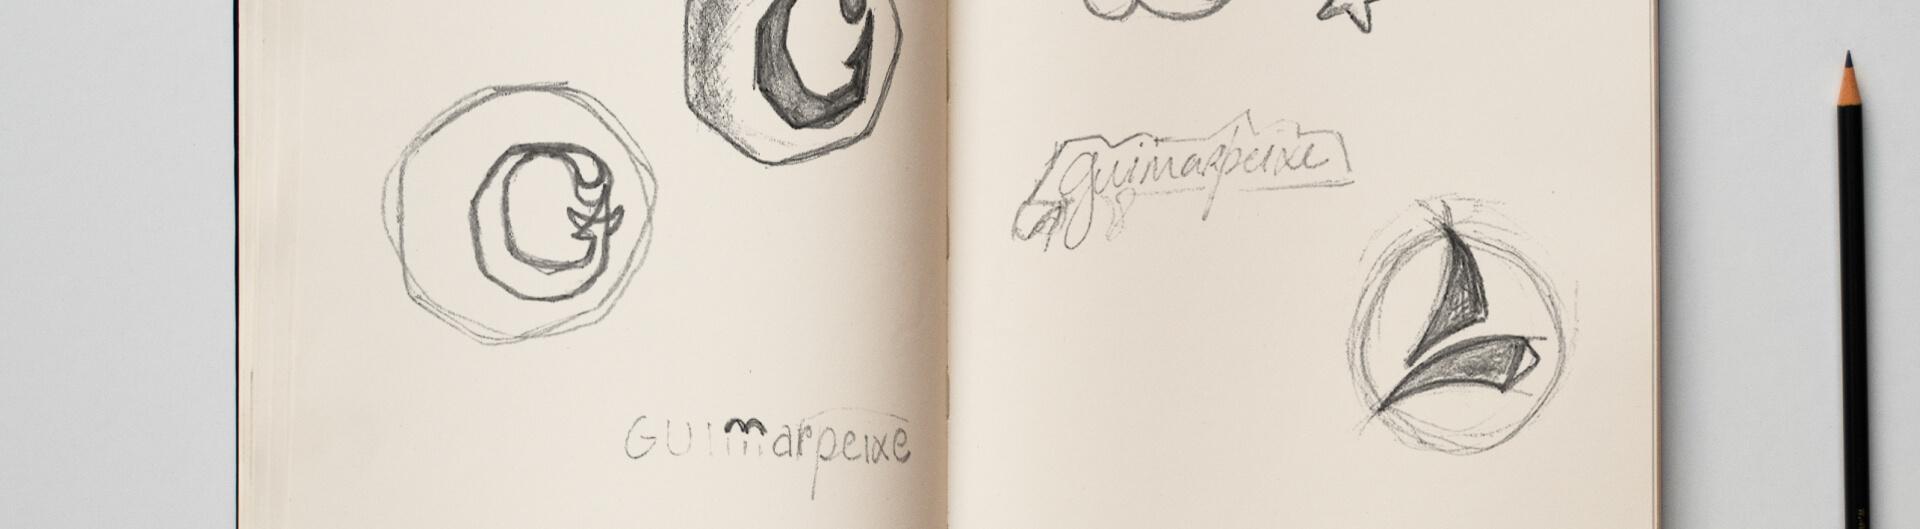 Estudo de logotipo Guimarpeixe